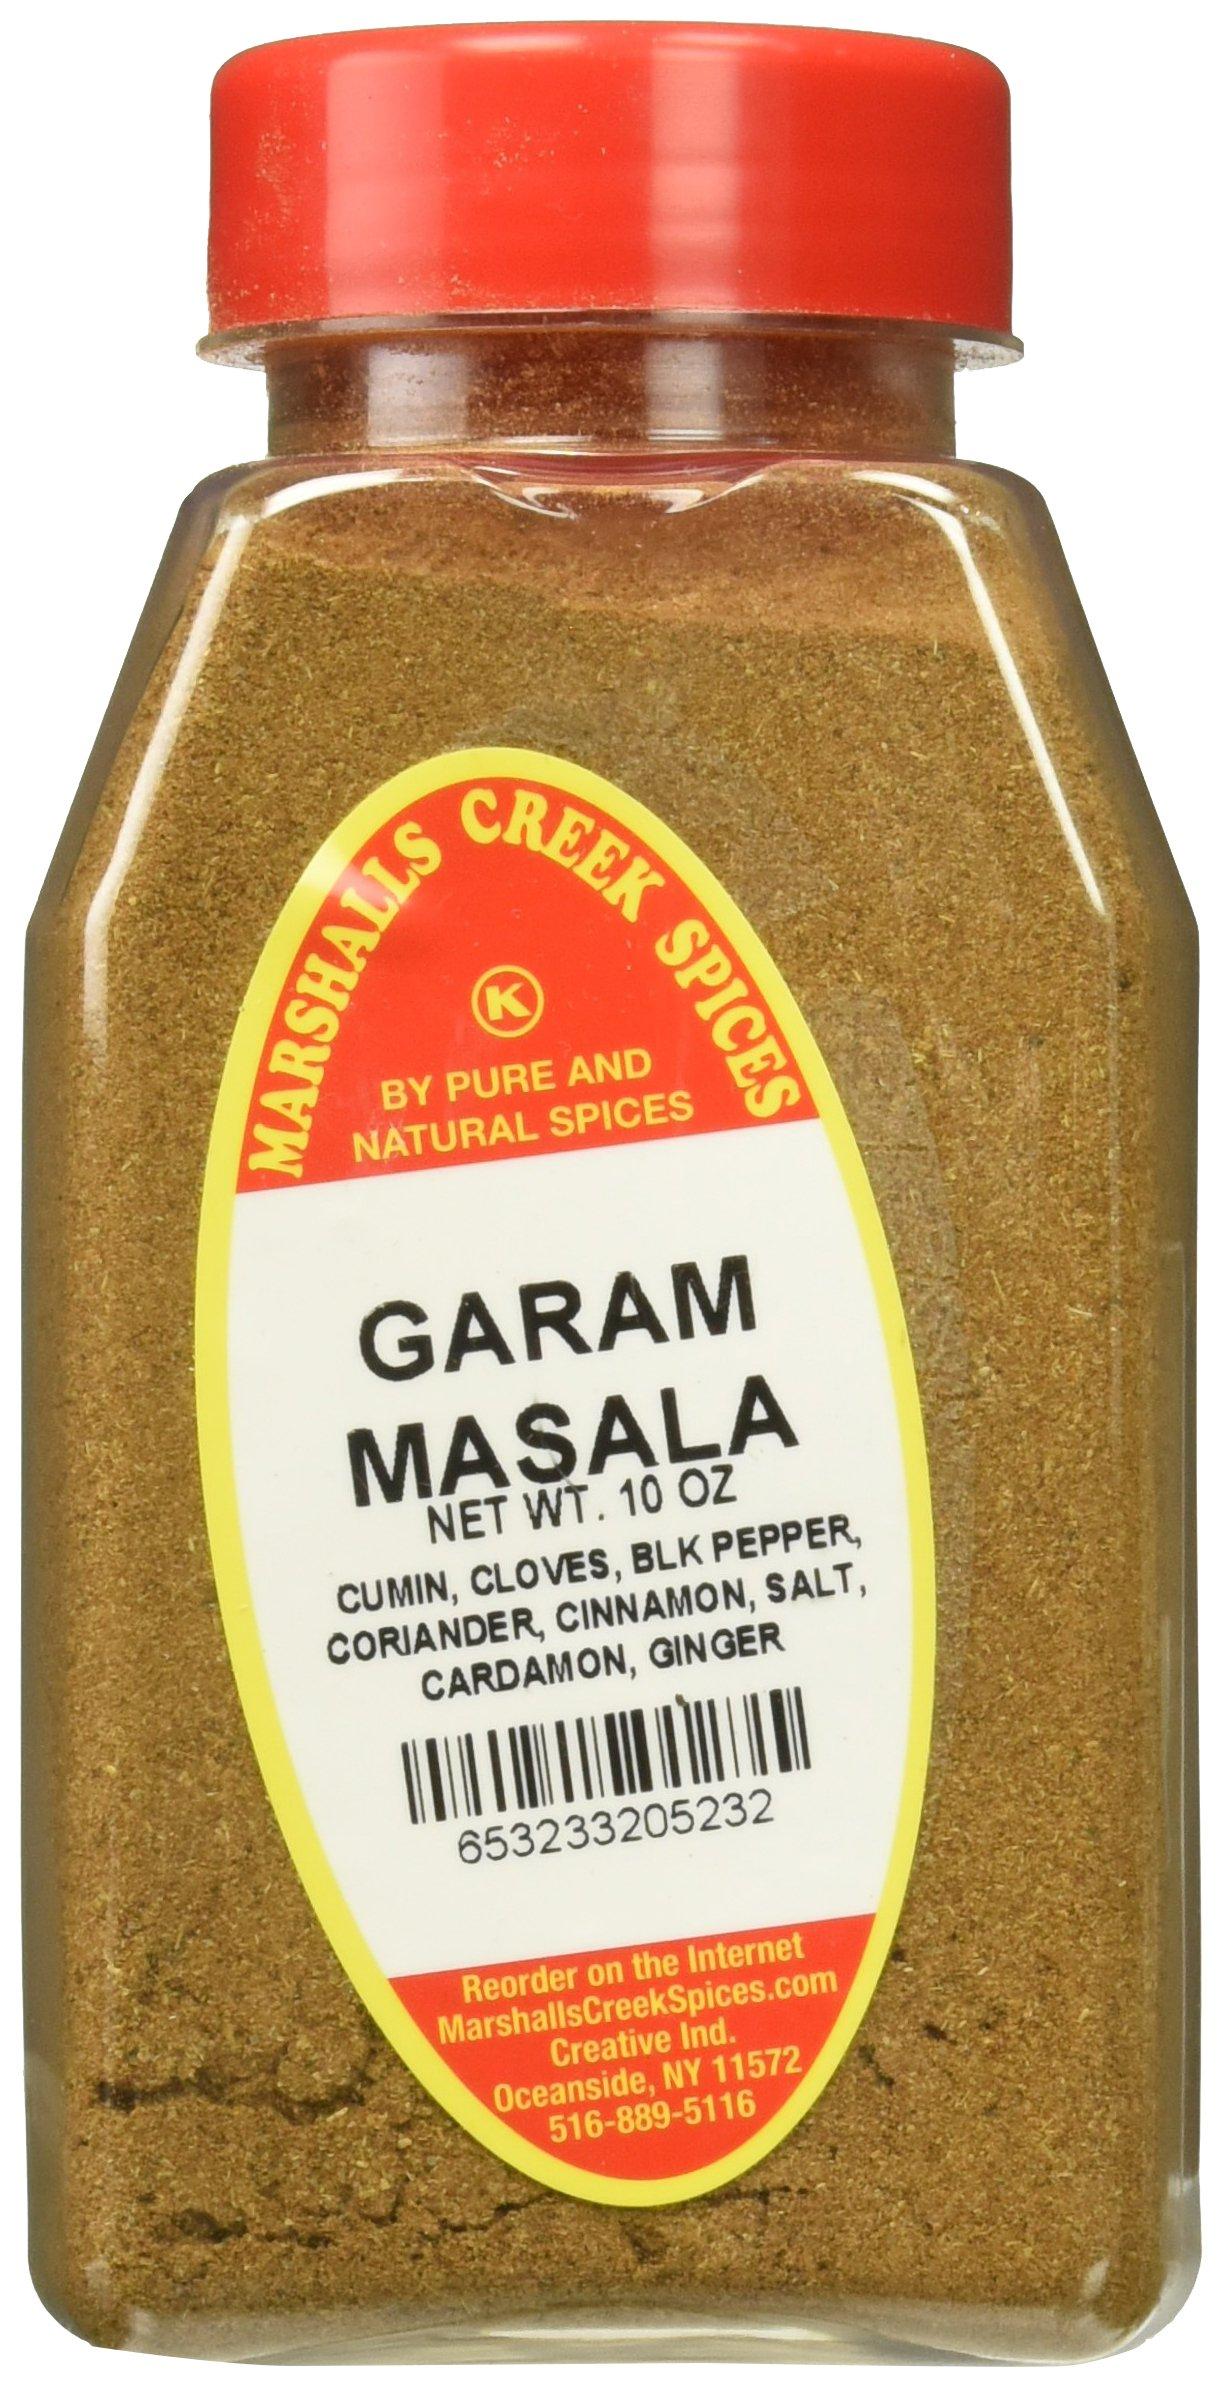 Marshalls Creek Kosher Spices GARAM MASALA SEASONING 10 oz